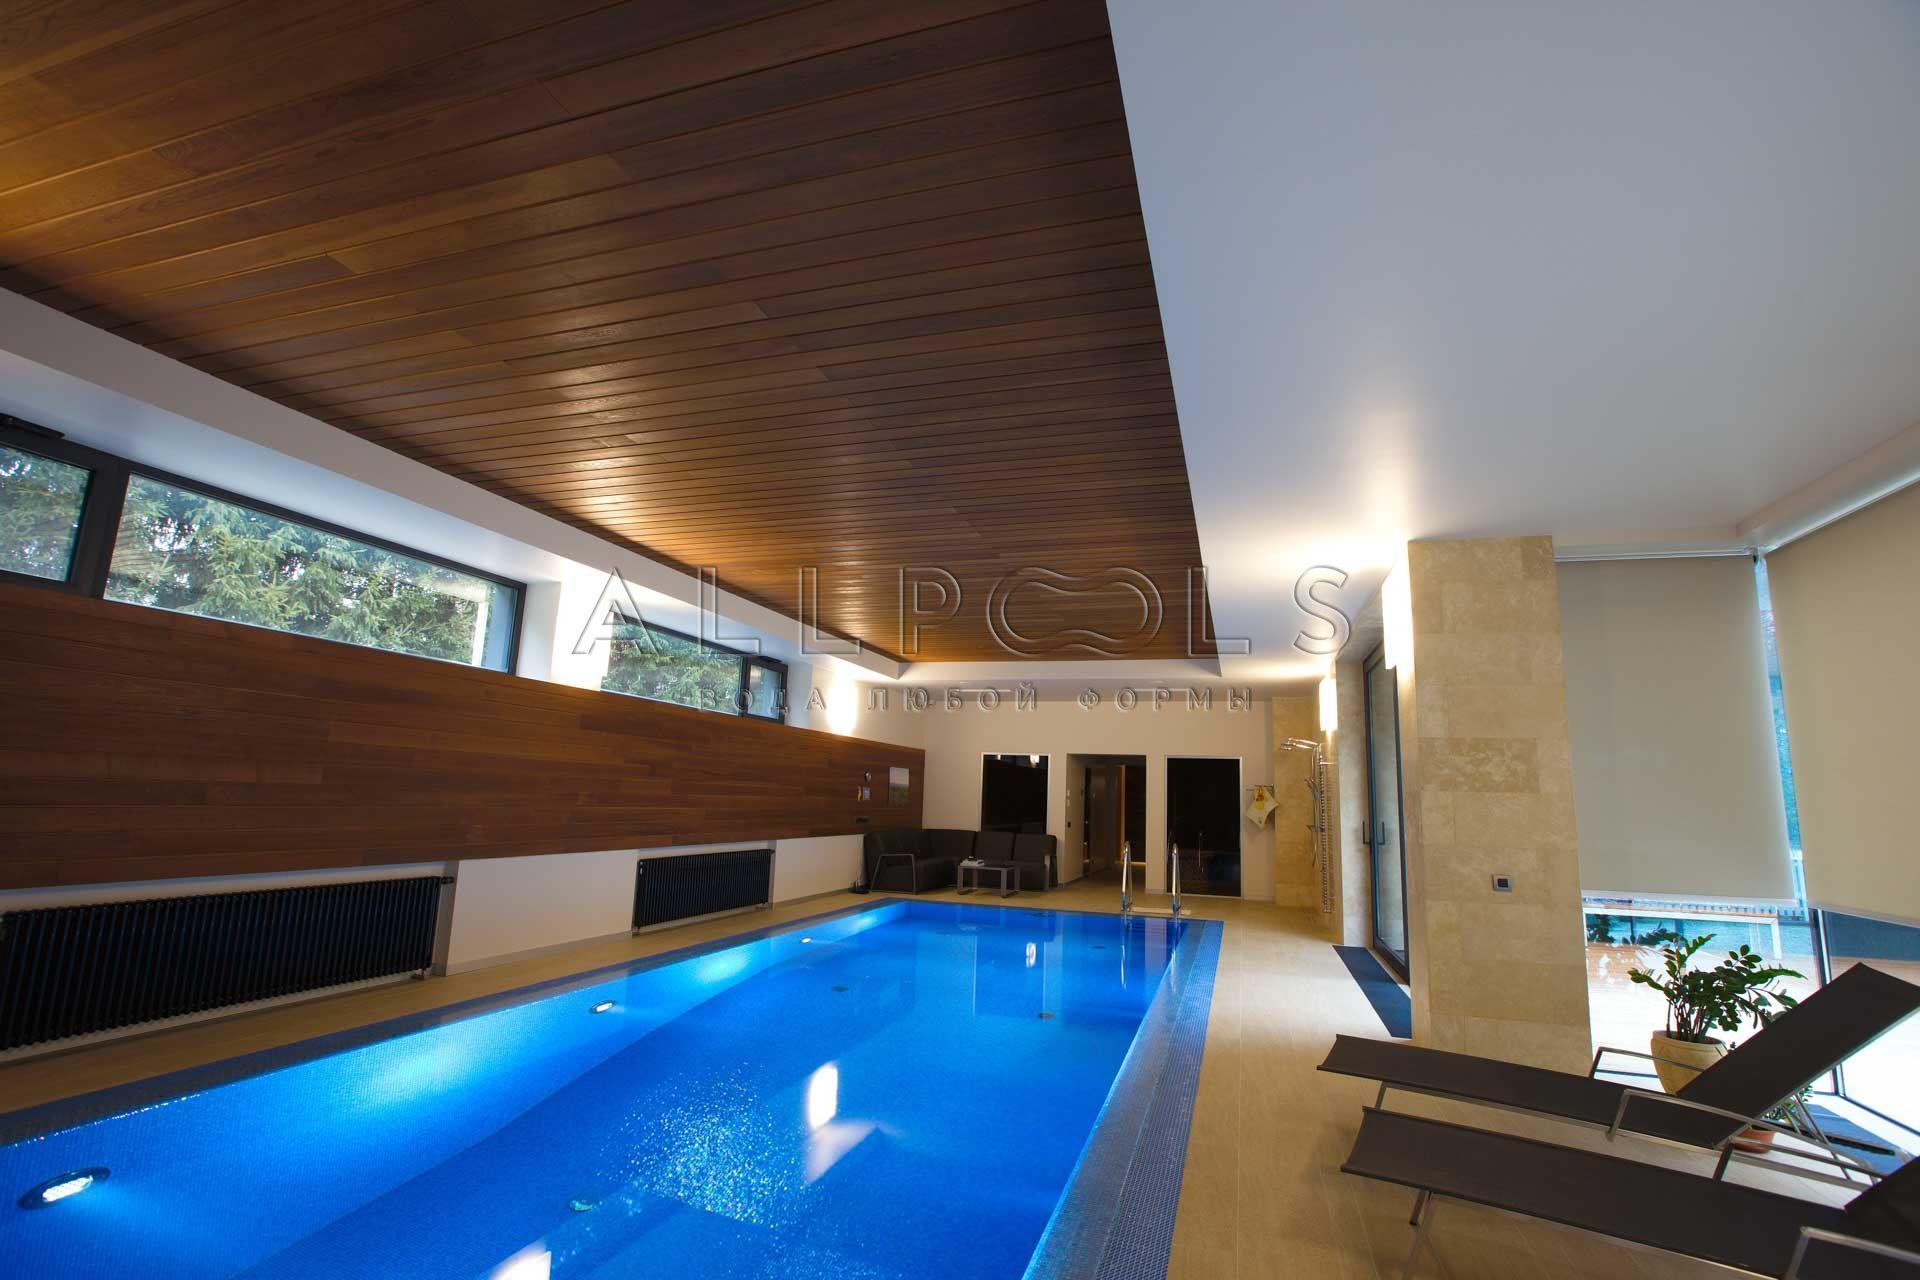 Удобный бассейн для дома от Allpools